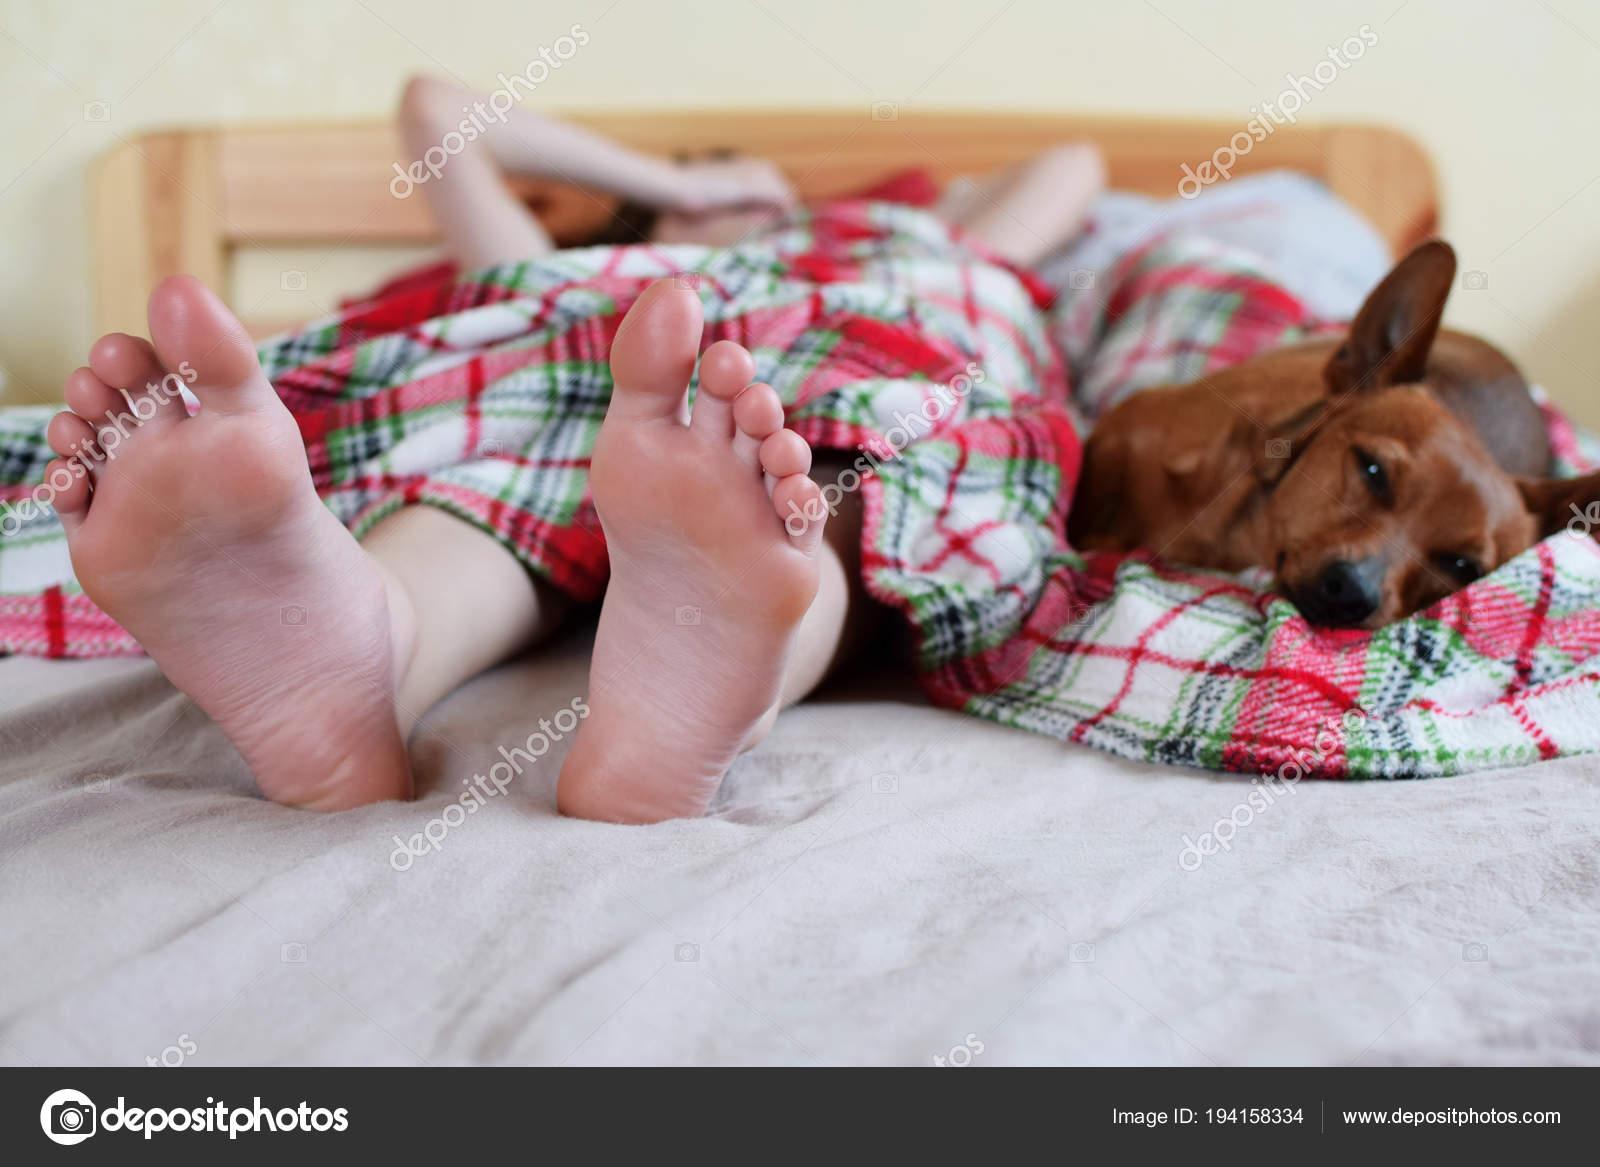 Teenager Mädchen Füße Beim Aufwachen Morgens Auf Breite